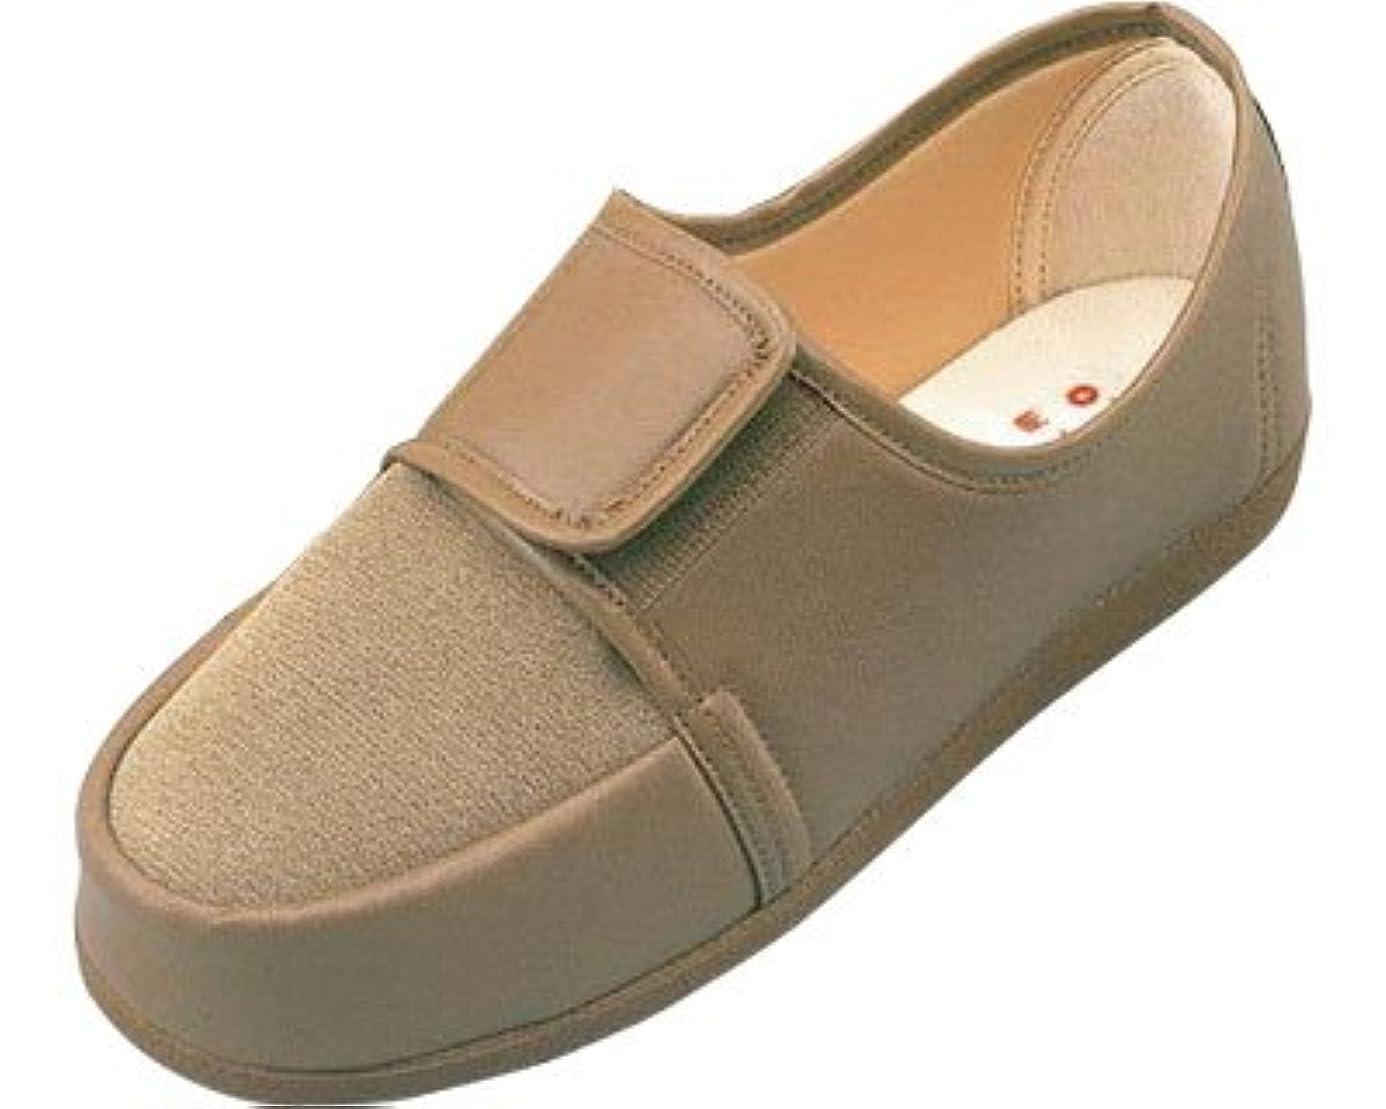 リハビリシューズ 両足 婦人用 22.0cm 茶 W603 (マリアンヌ製靴) (シューズ)(返品不可)